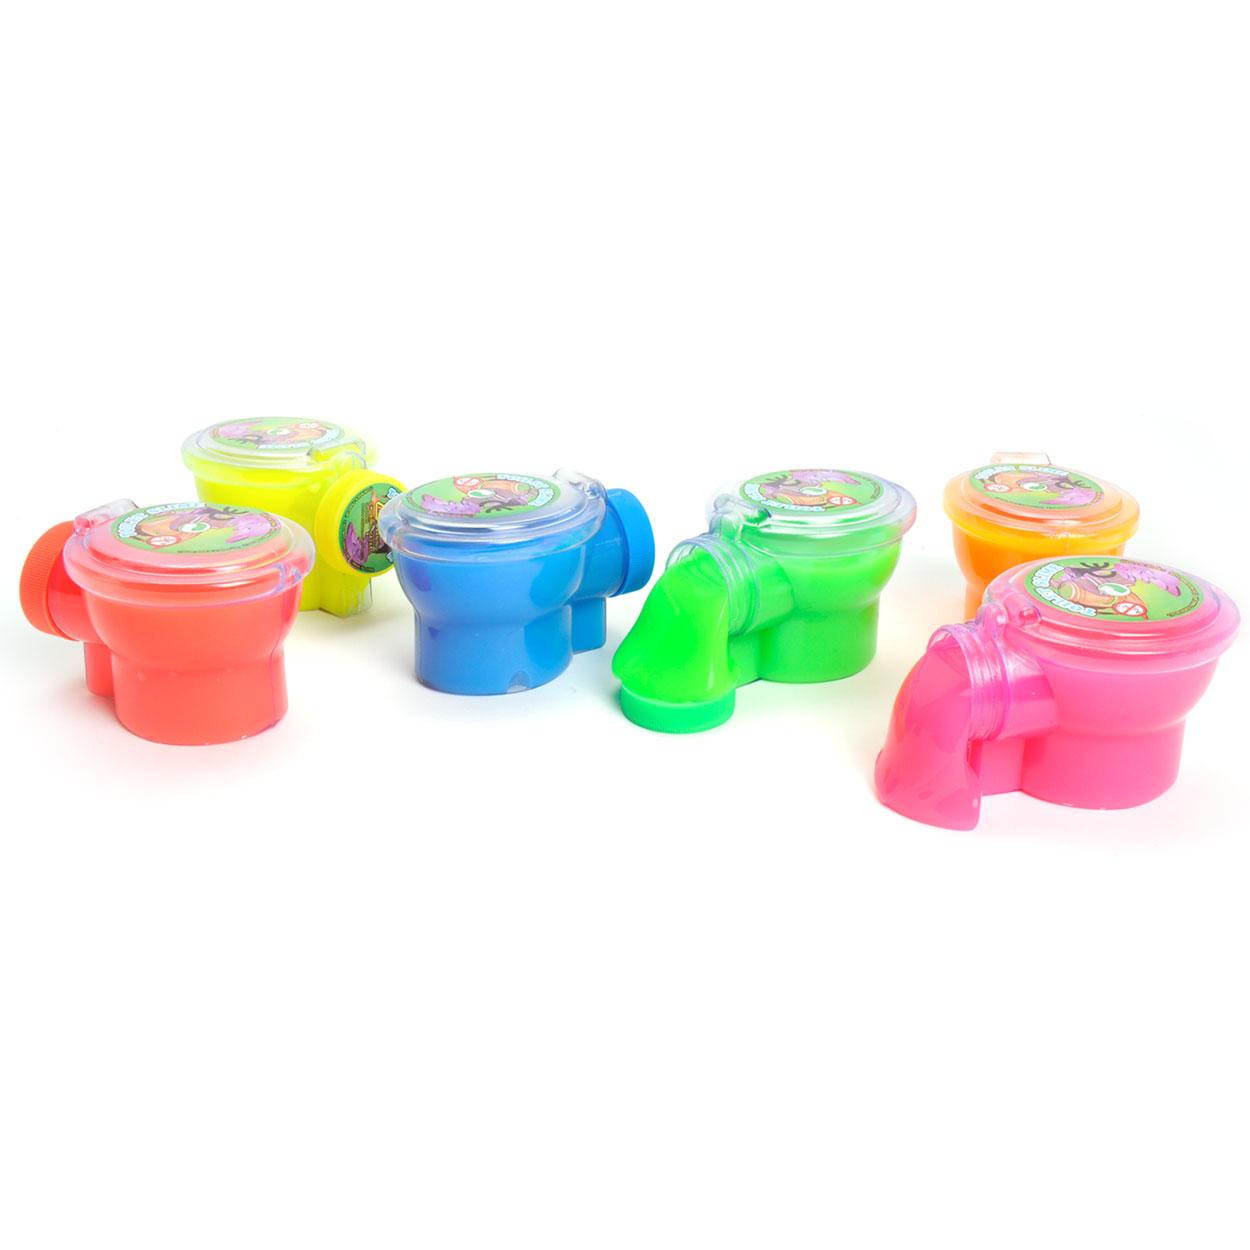 Wc potje met slijm kleur online kopen - Kleur wc ...